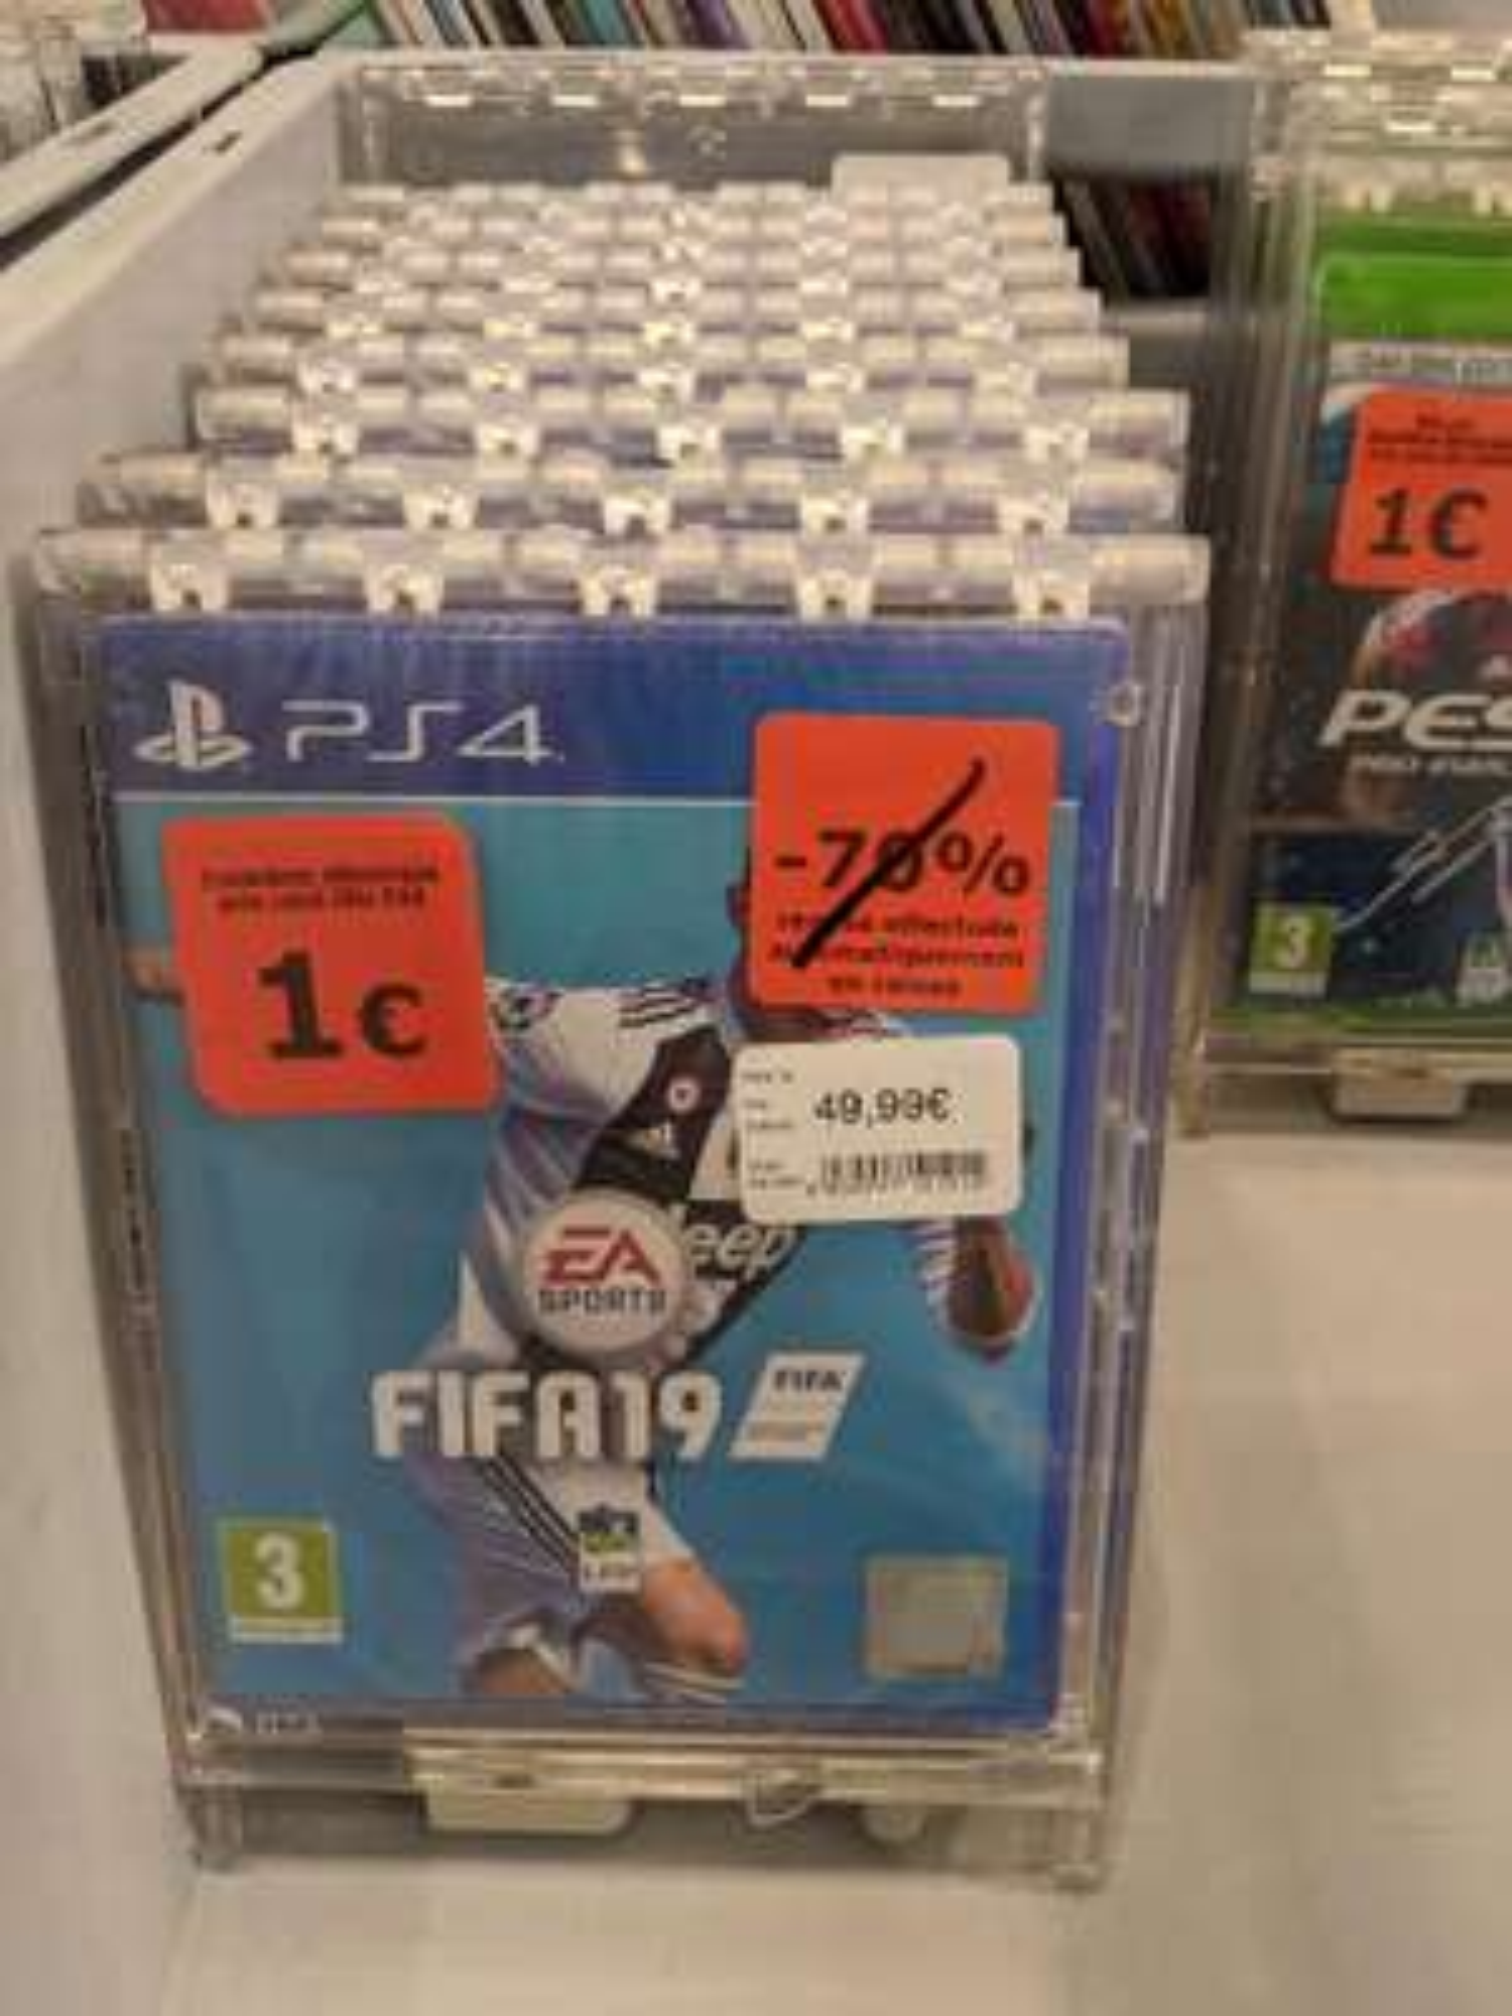 Sélection de jeux à 1€ (FIFA 19 sur PS4 et PC) - Orgeval (78)